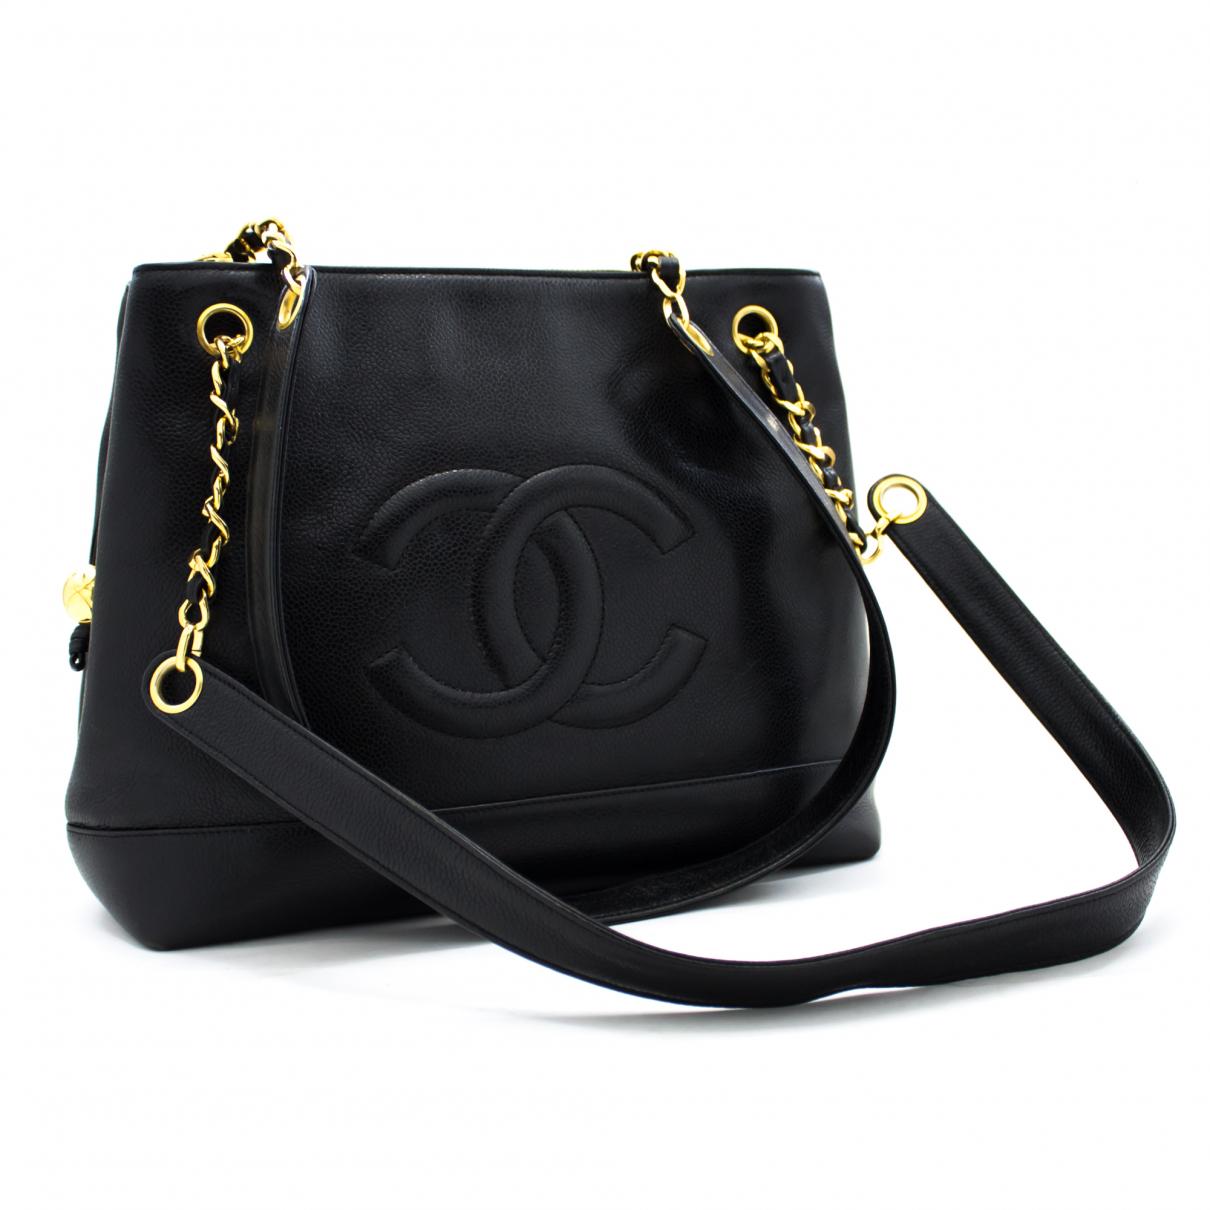 Chanel - Sac a main   pour femme en cuir - noir